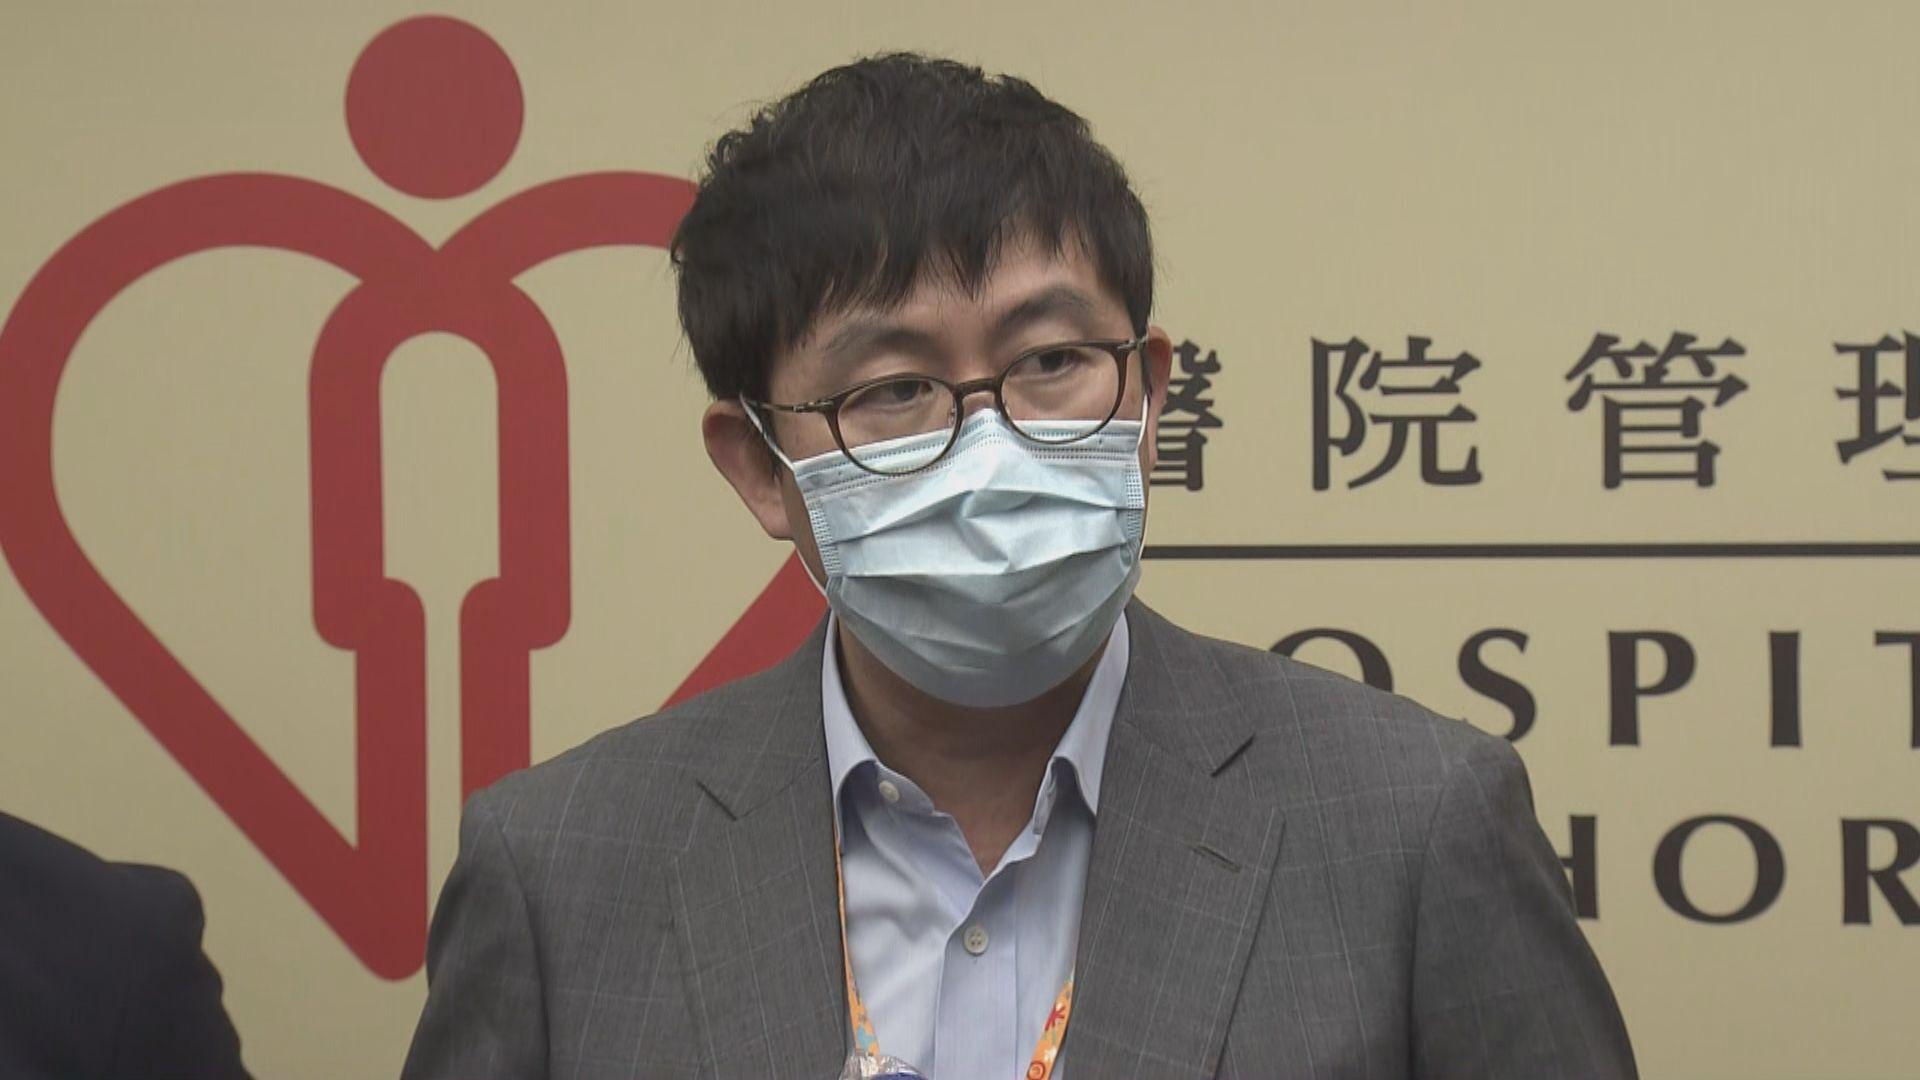 醫管局:未來需加強防範長者感染新冠病毒